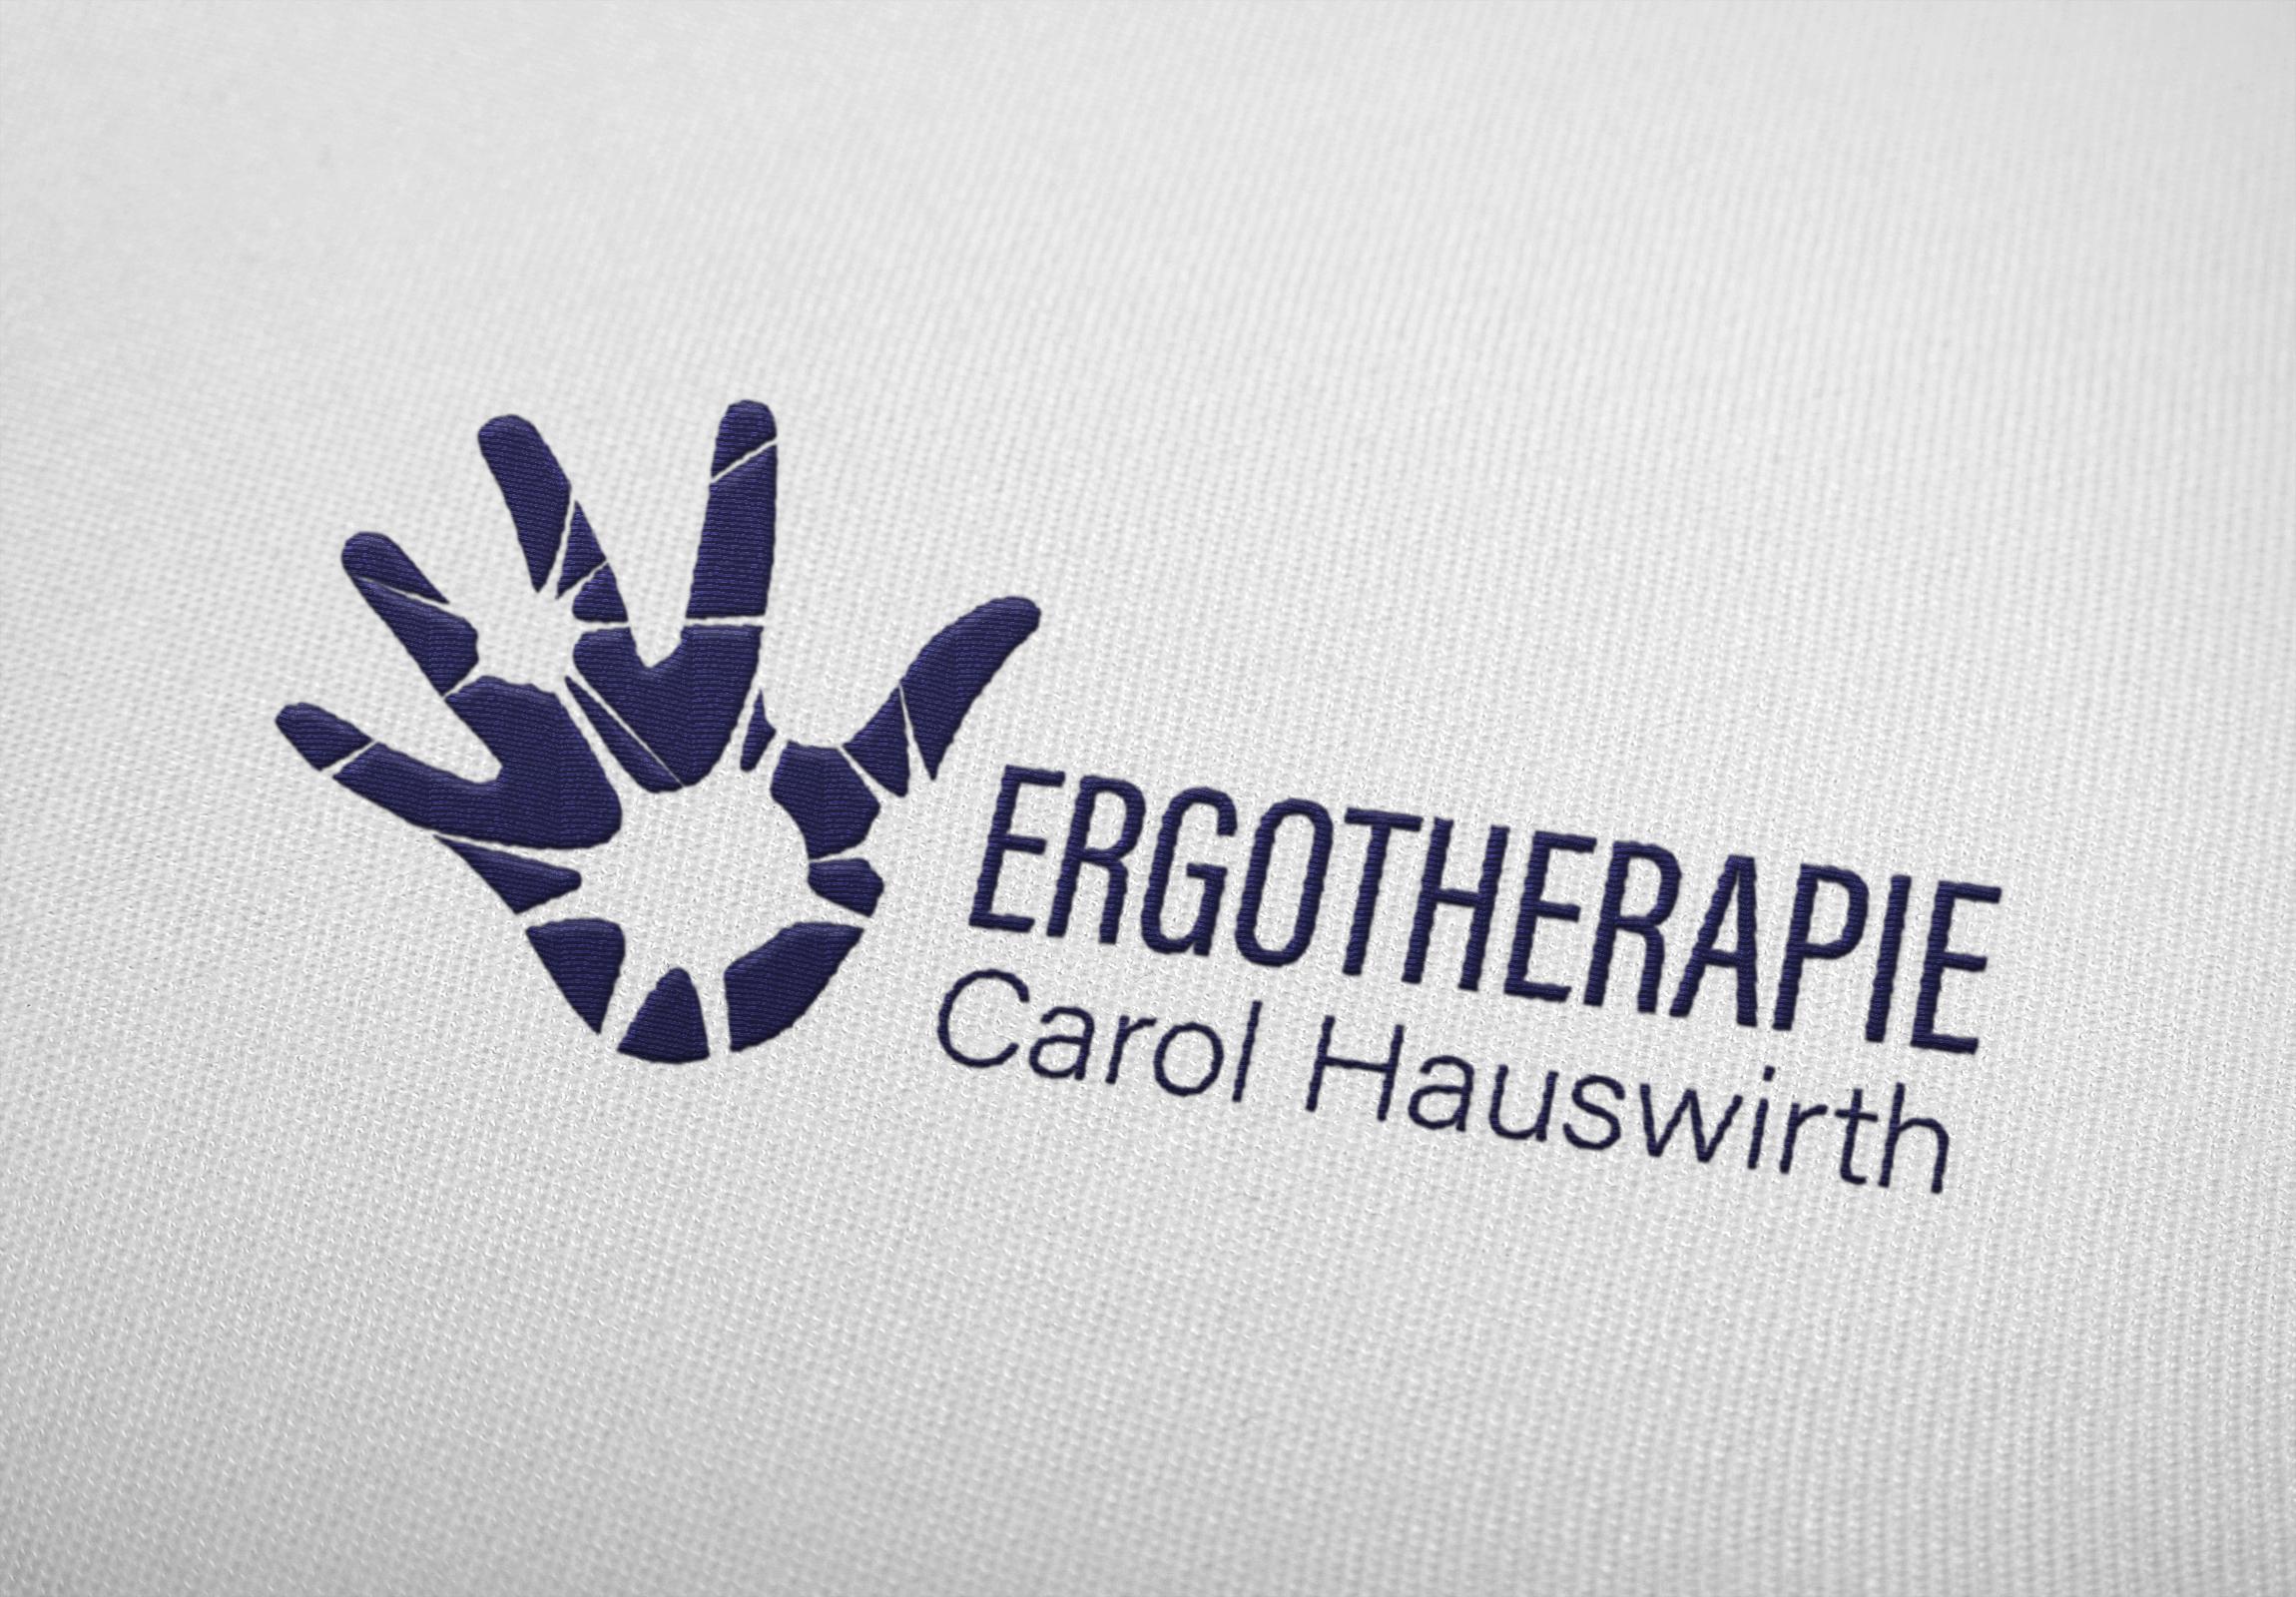 Ergotherapie Carol Hauswirth